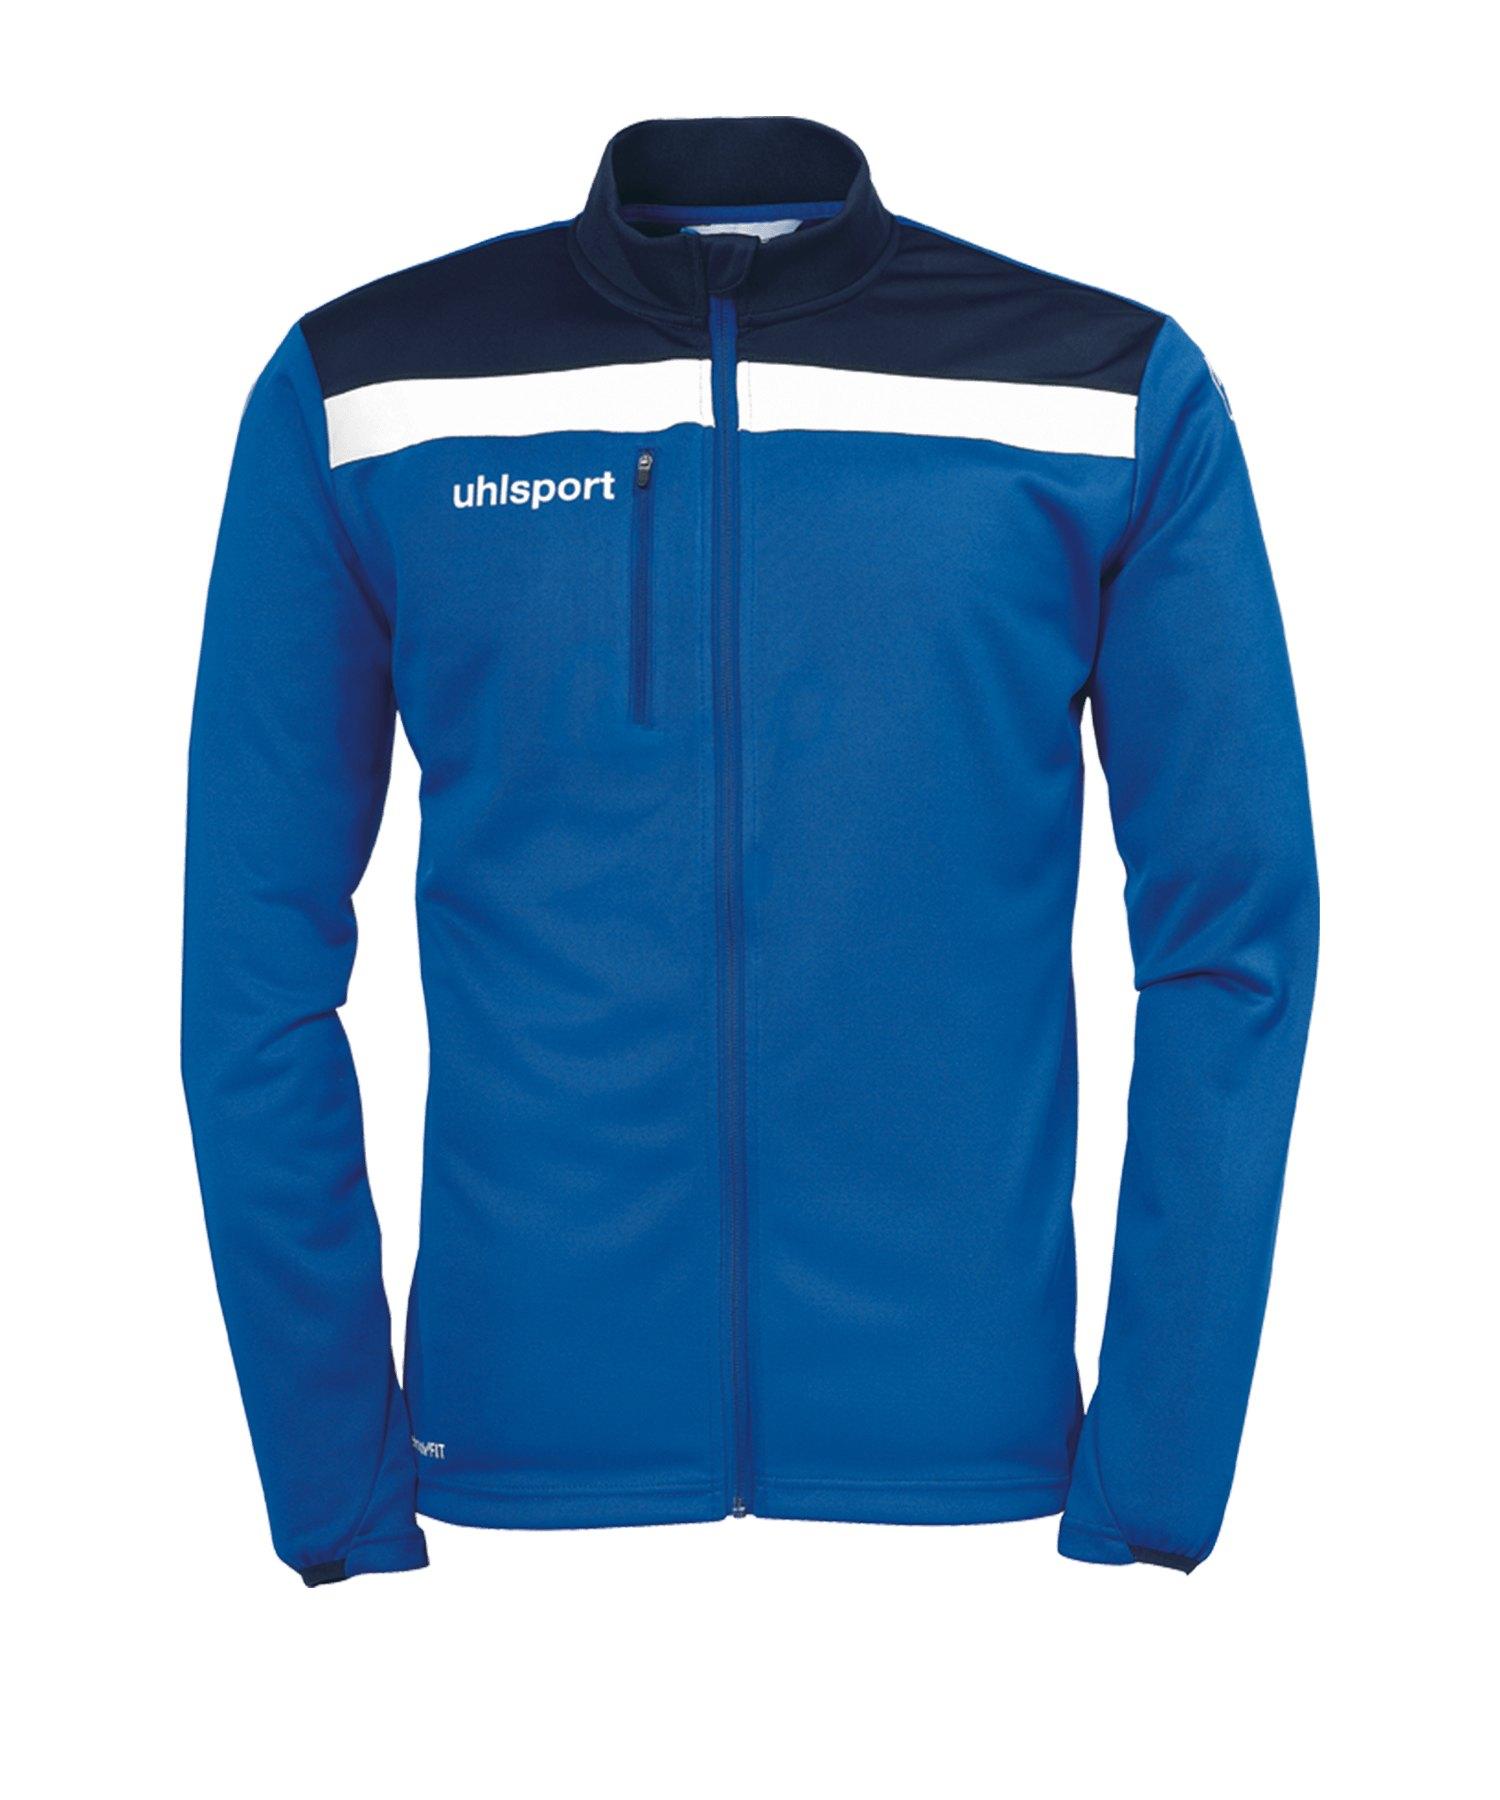 Uhlsport Offense 23 Trainingsjacke Blau F03 - blau